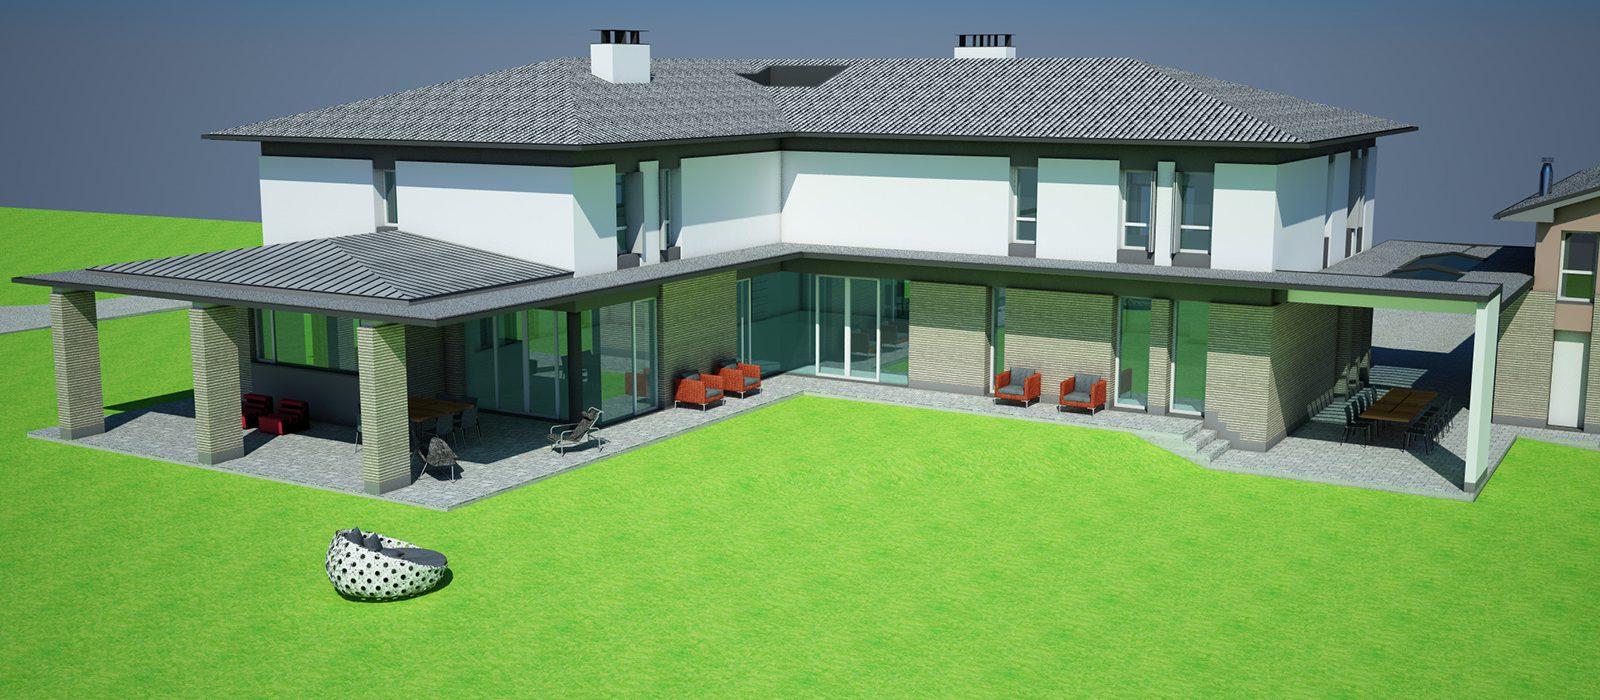 07_house_r09-14_giuseppe_passaro_architetto_reggio_emilia_residenziale